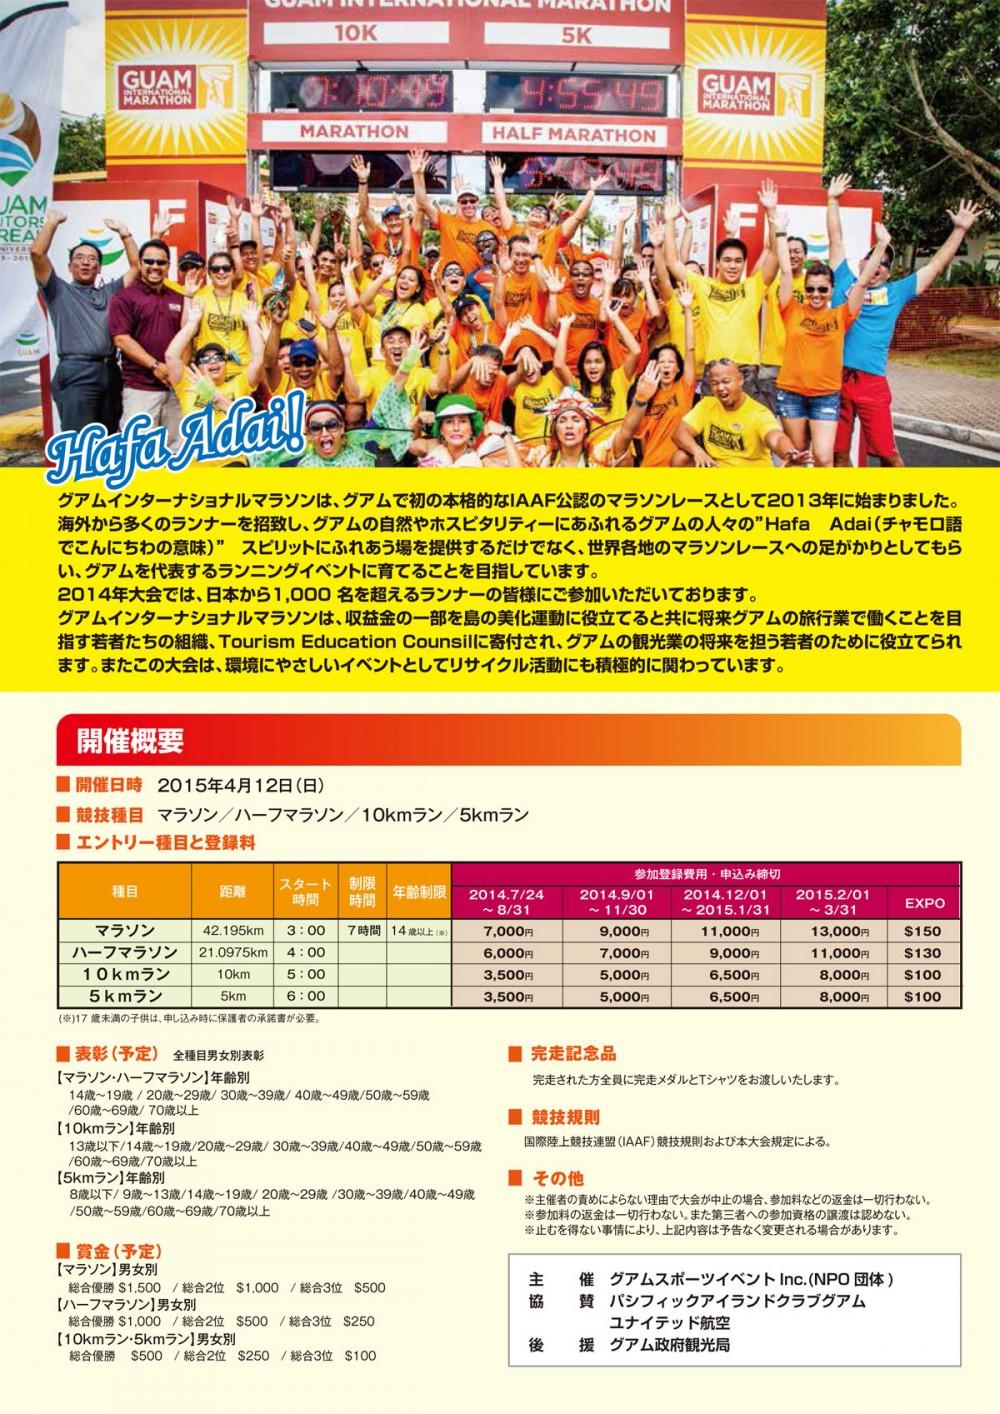 グアムインターナショナルマラソン2015 開催概要